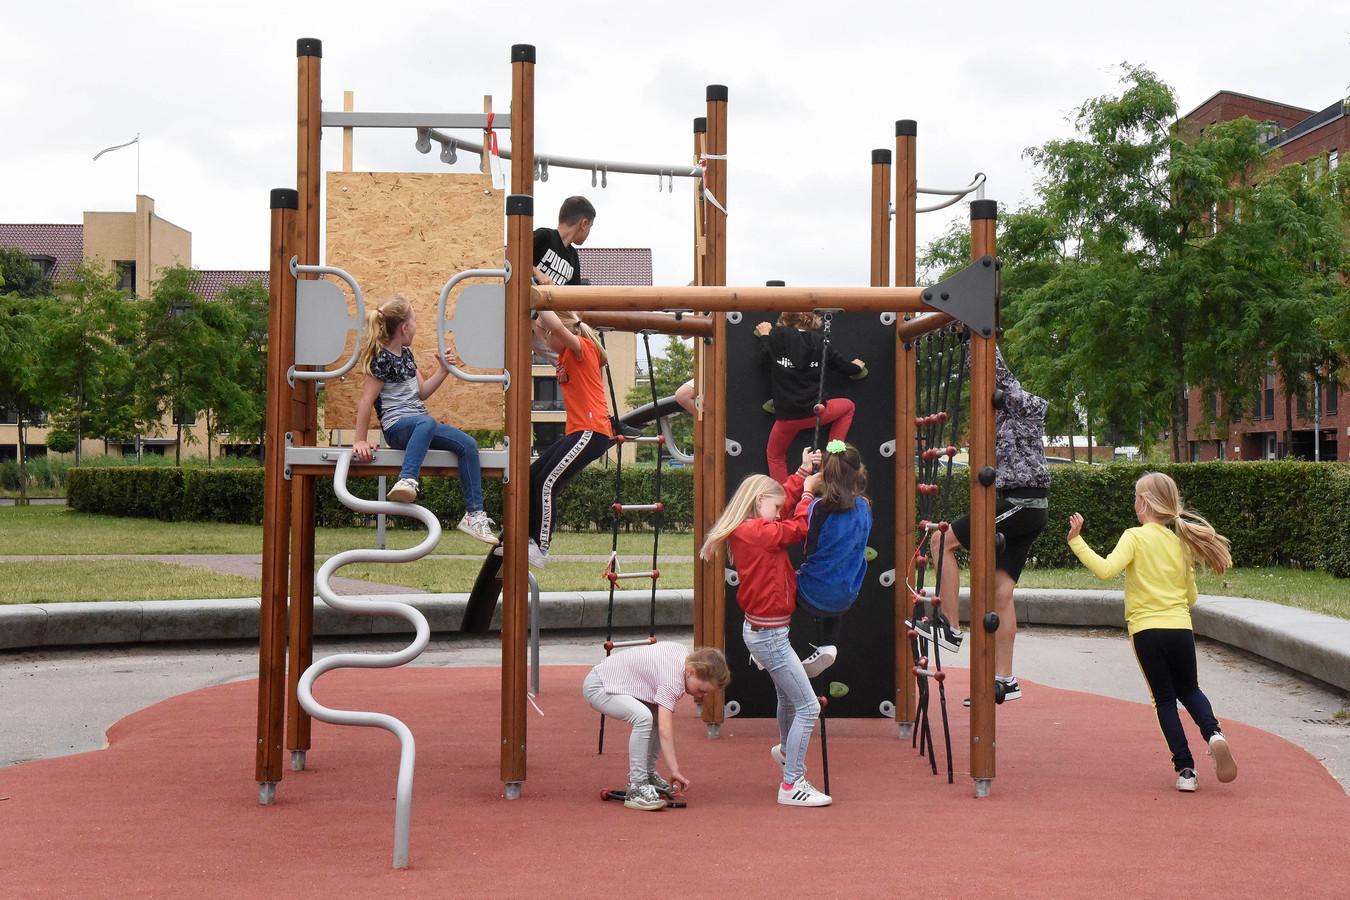 Het leek zo mooi: na maanden actievoeren een nieuw speeltoestel naast de Woerdense basisschool De Regenboog. Vorige maand werd het toestel in gebruik genomen, maar de pret was van korte duur.